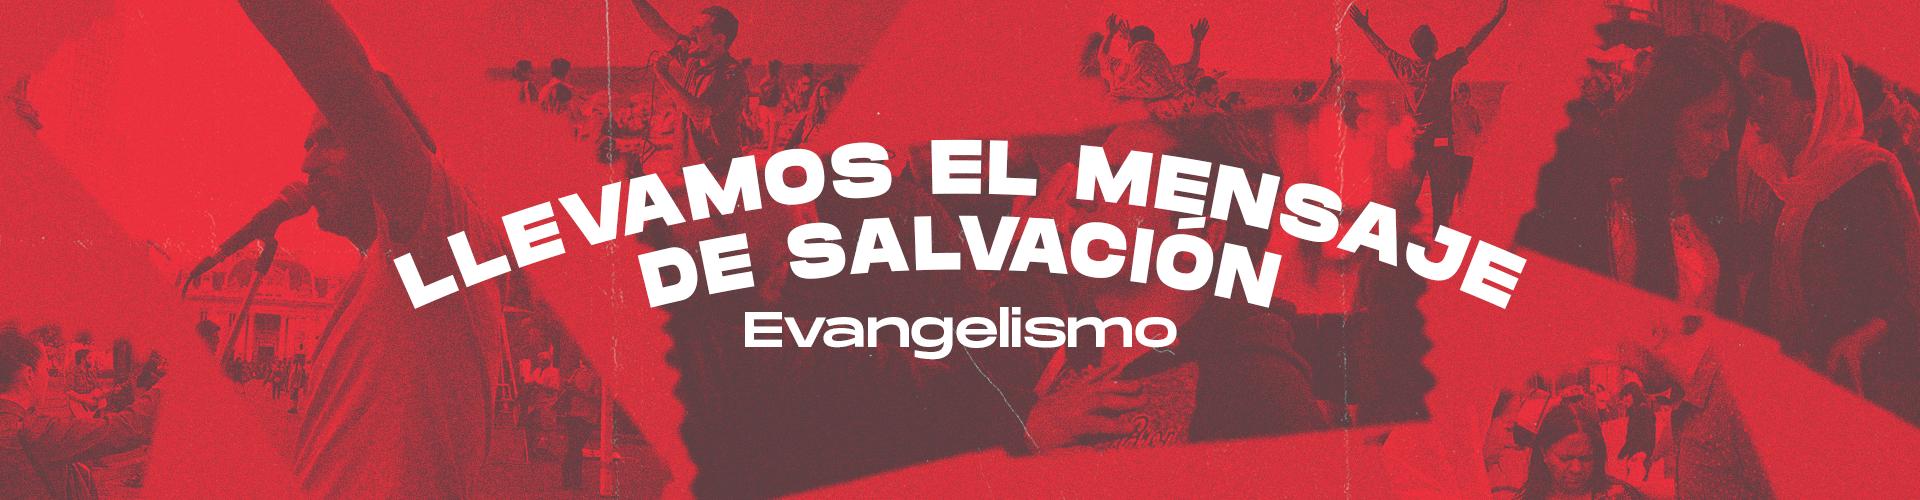 05_evangelismo